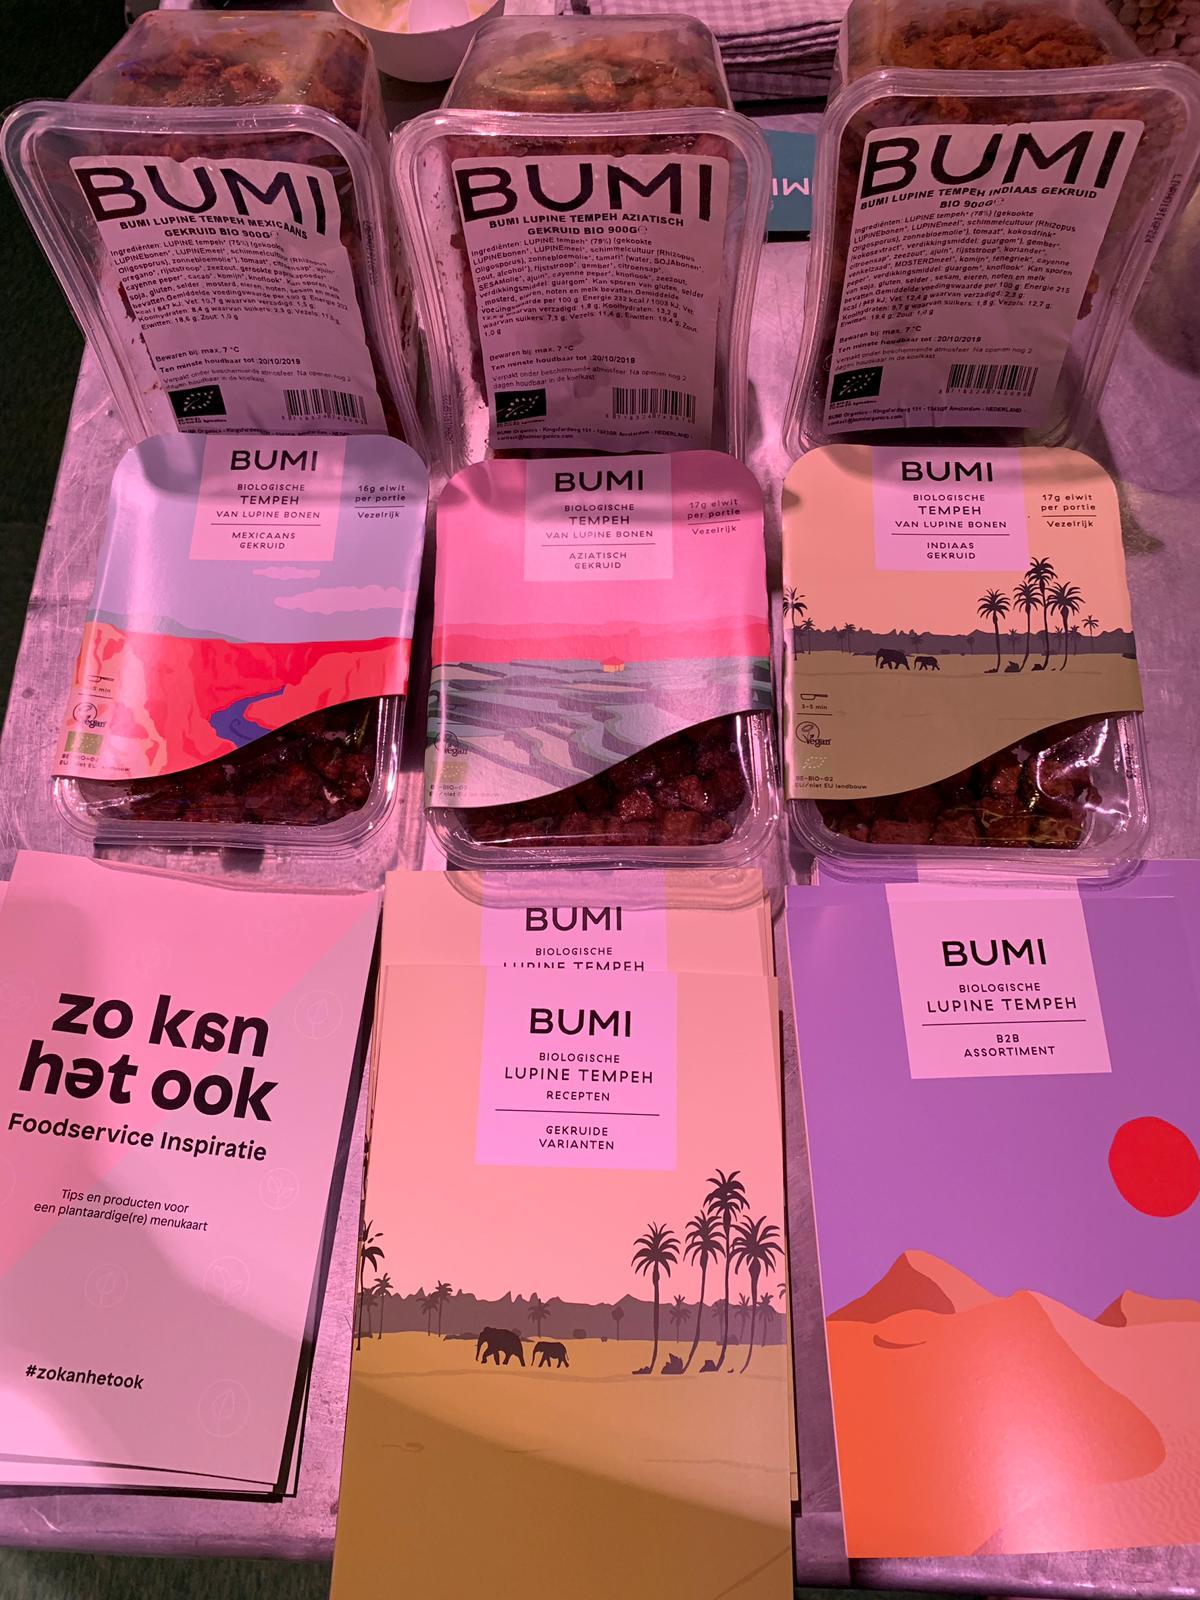 Gezondste Vlees Kaas Vervangers, Vegan, Vegetarisch, Zensitivity, Bumi Gastvrij Rotterdam